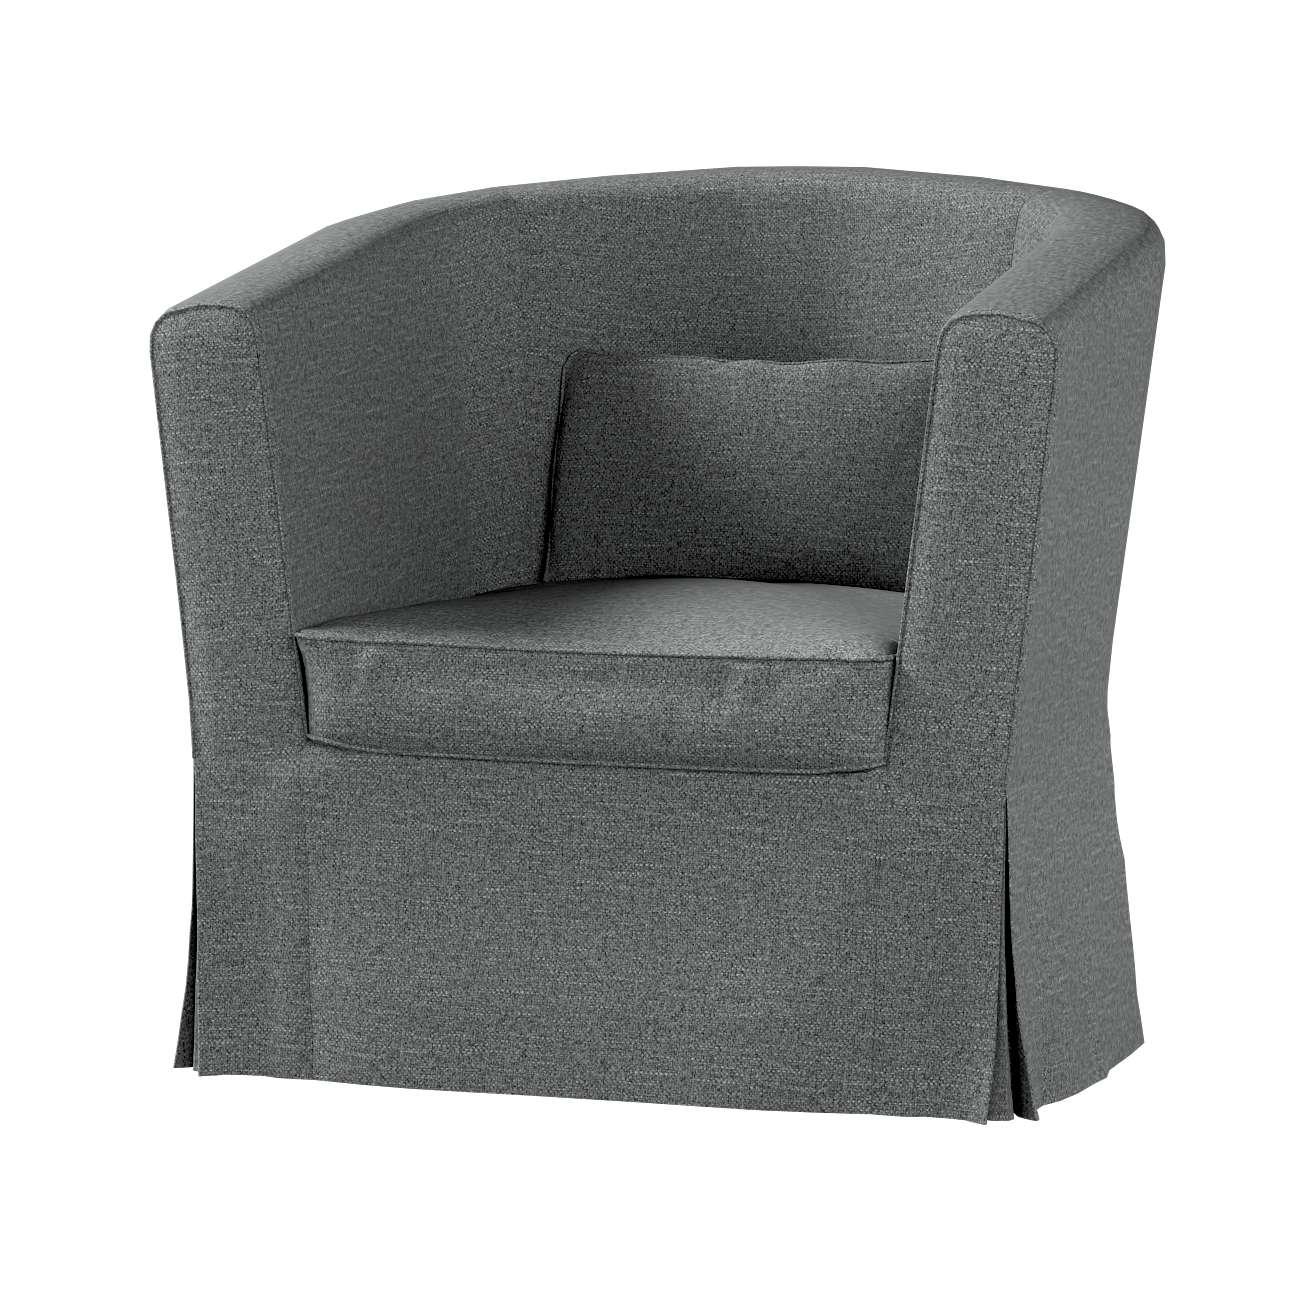 Pokrowiec na fotel Ektorp Tullsta w kolekcji Madrid, tkanina: 161-24